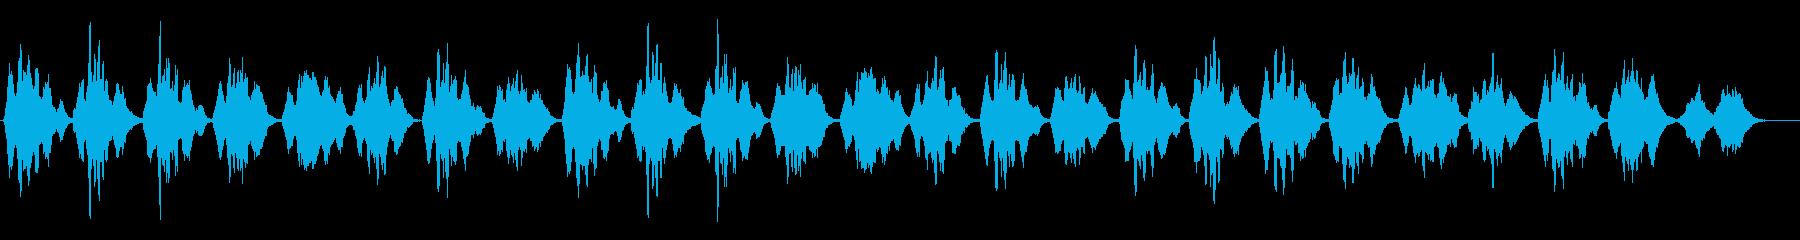 挙式で頻繁に使用される讃美歌312の再生済みの波形